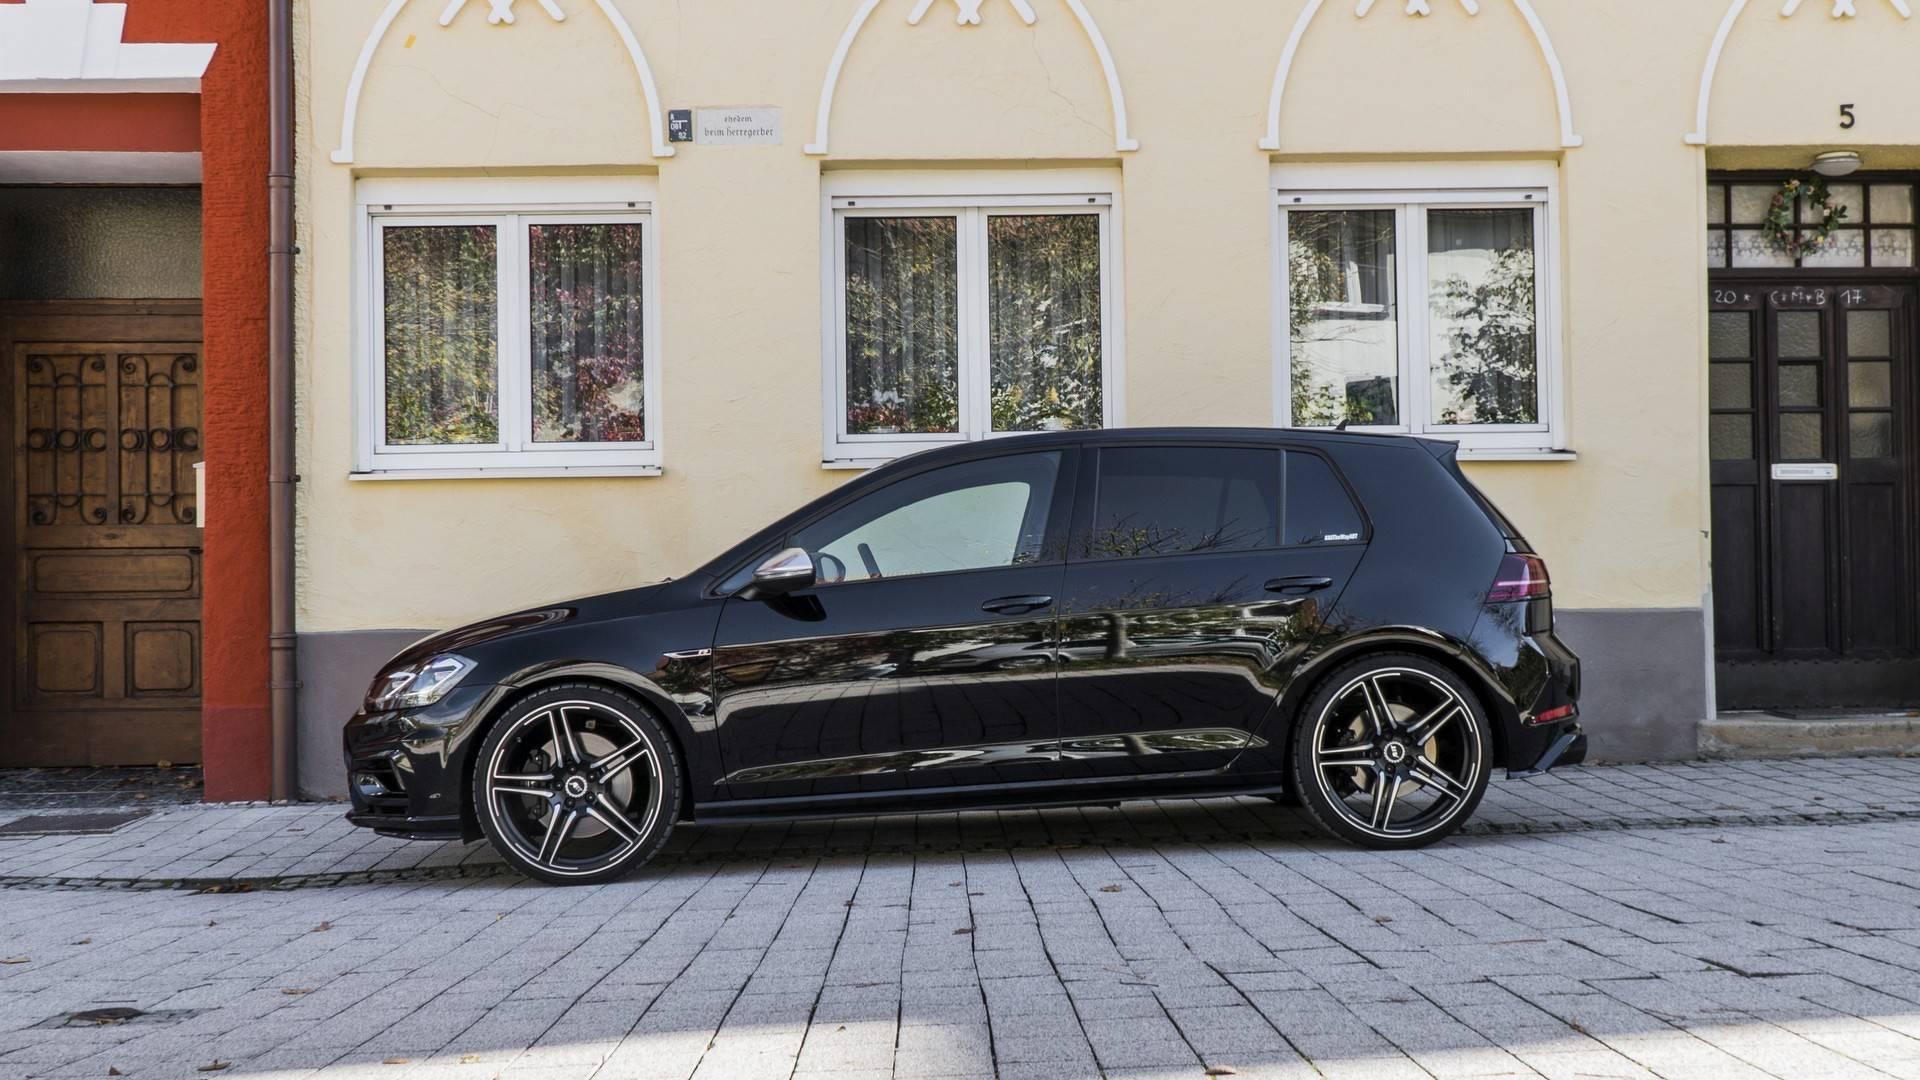 abt-sportsline-volkswagen-golf-r